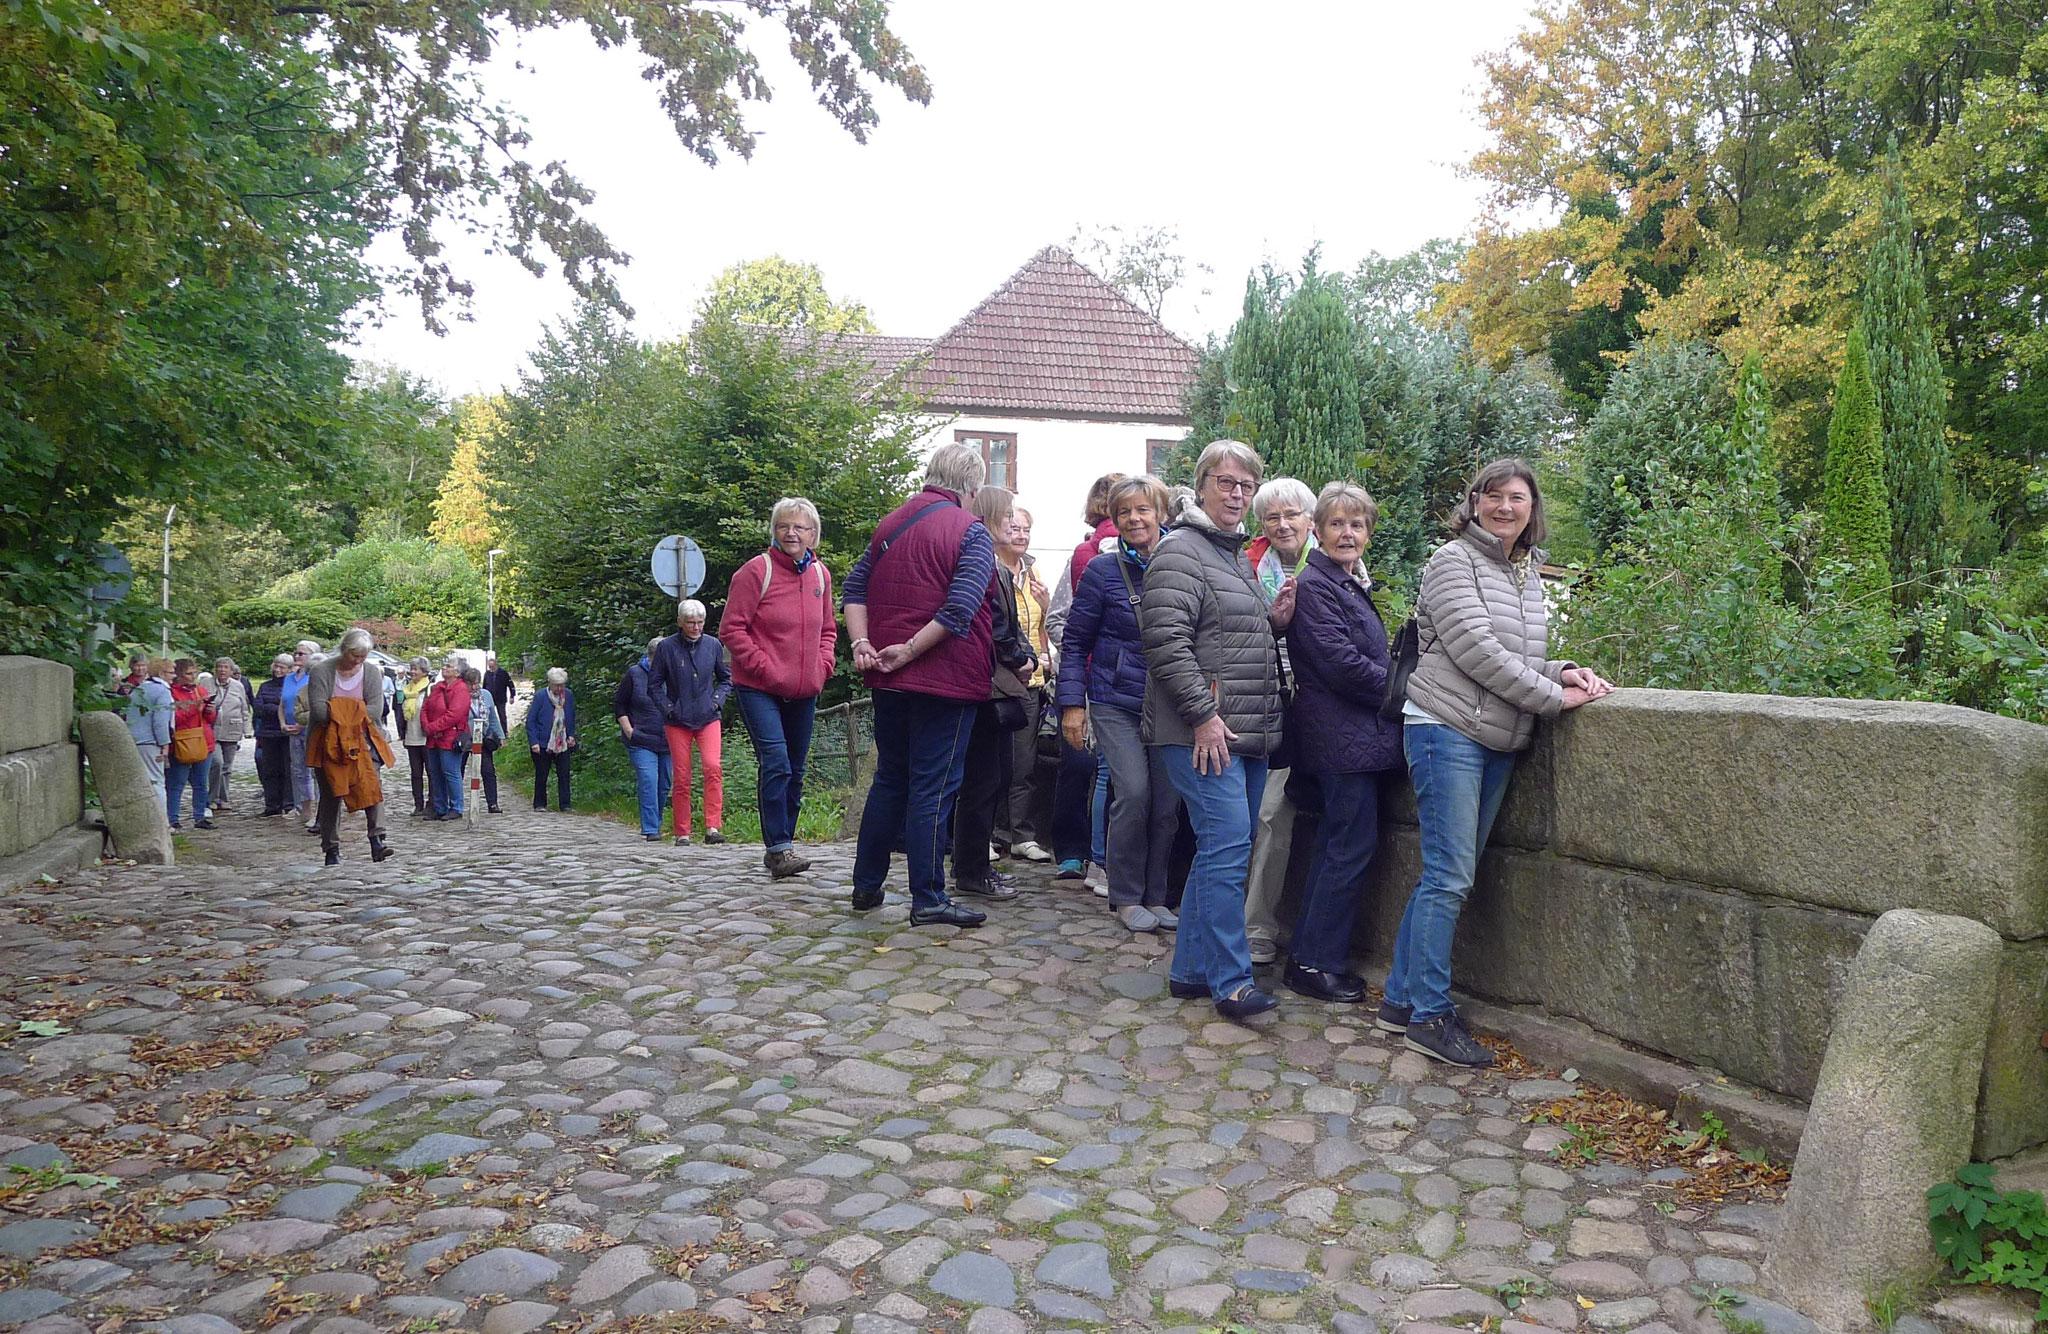 Napoleonbrücke in Trittau (Foto: Dorit Hartz)